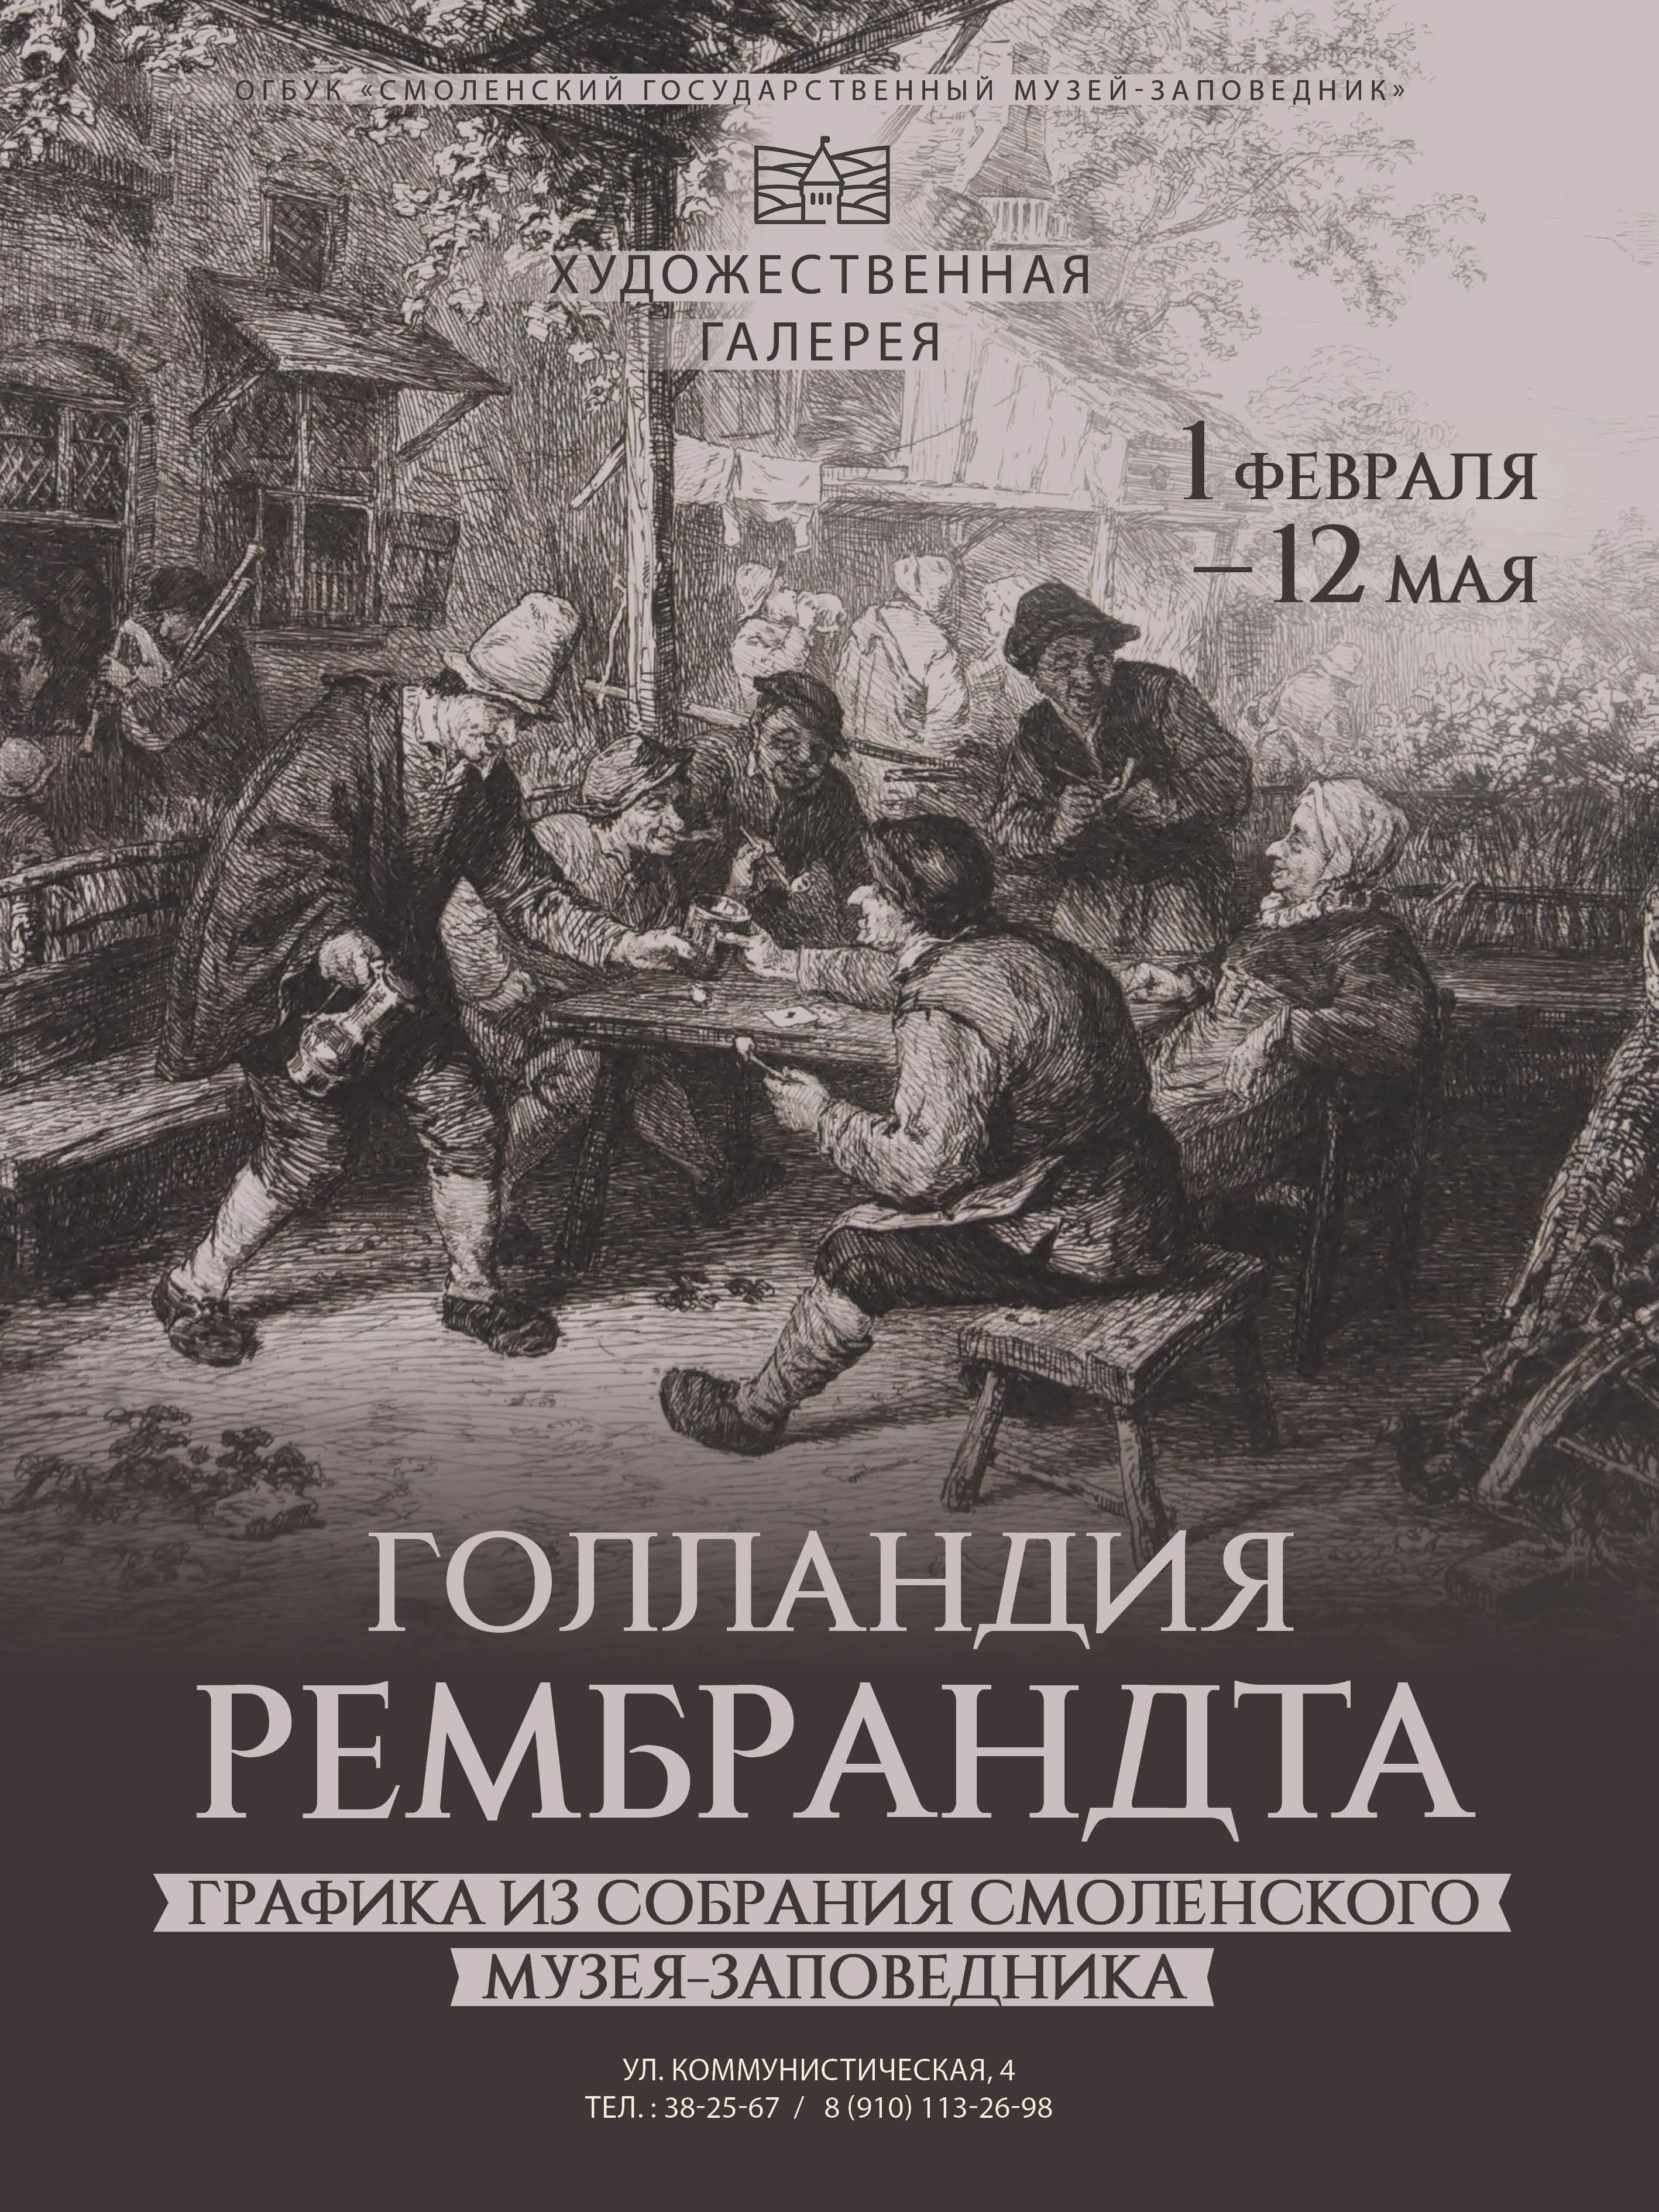 В Смоленске откроется выставка гравюр